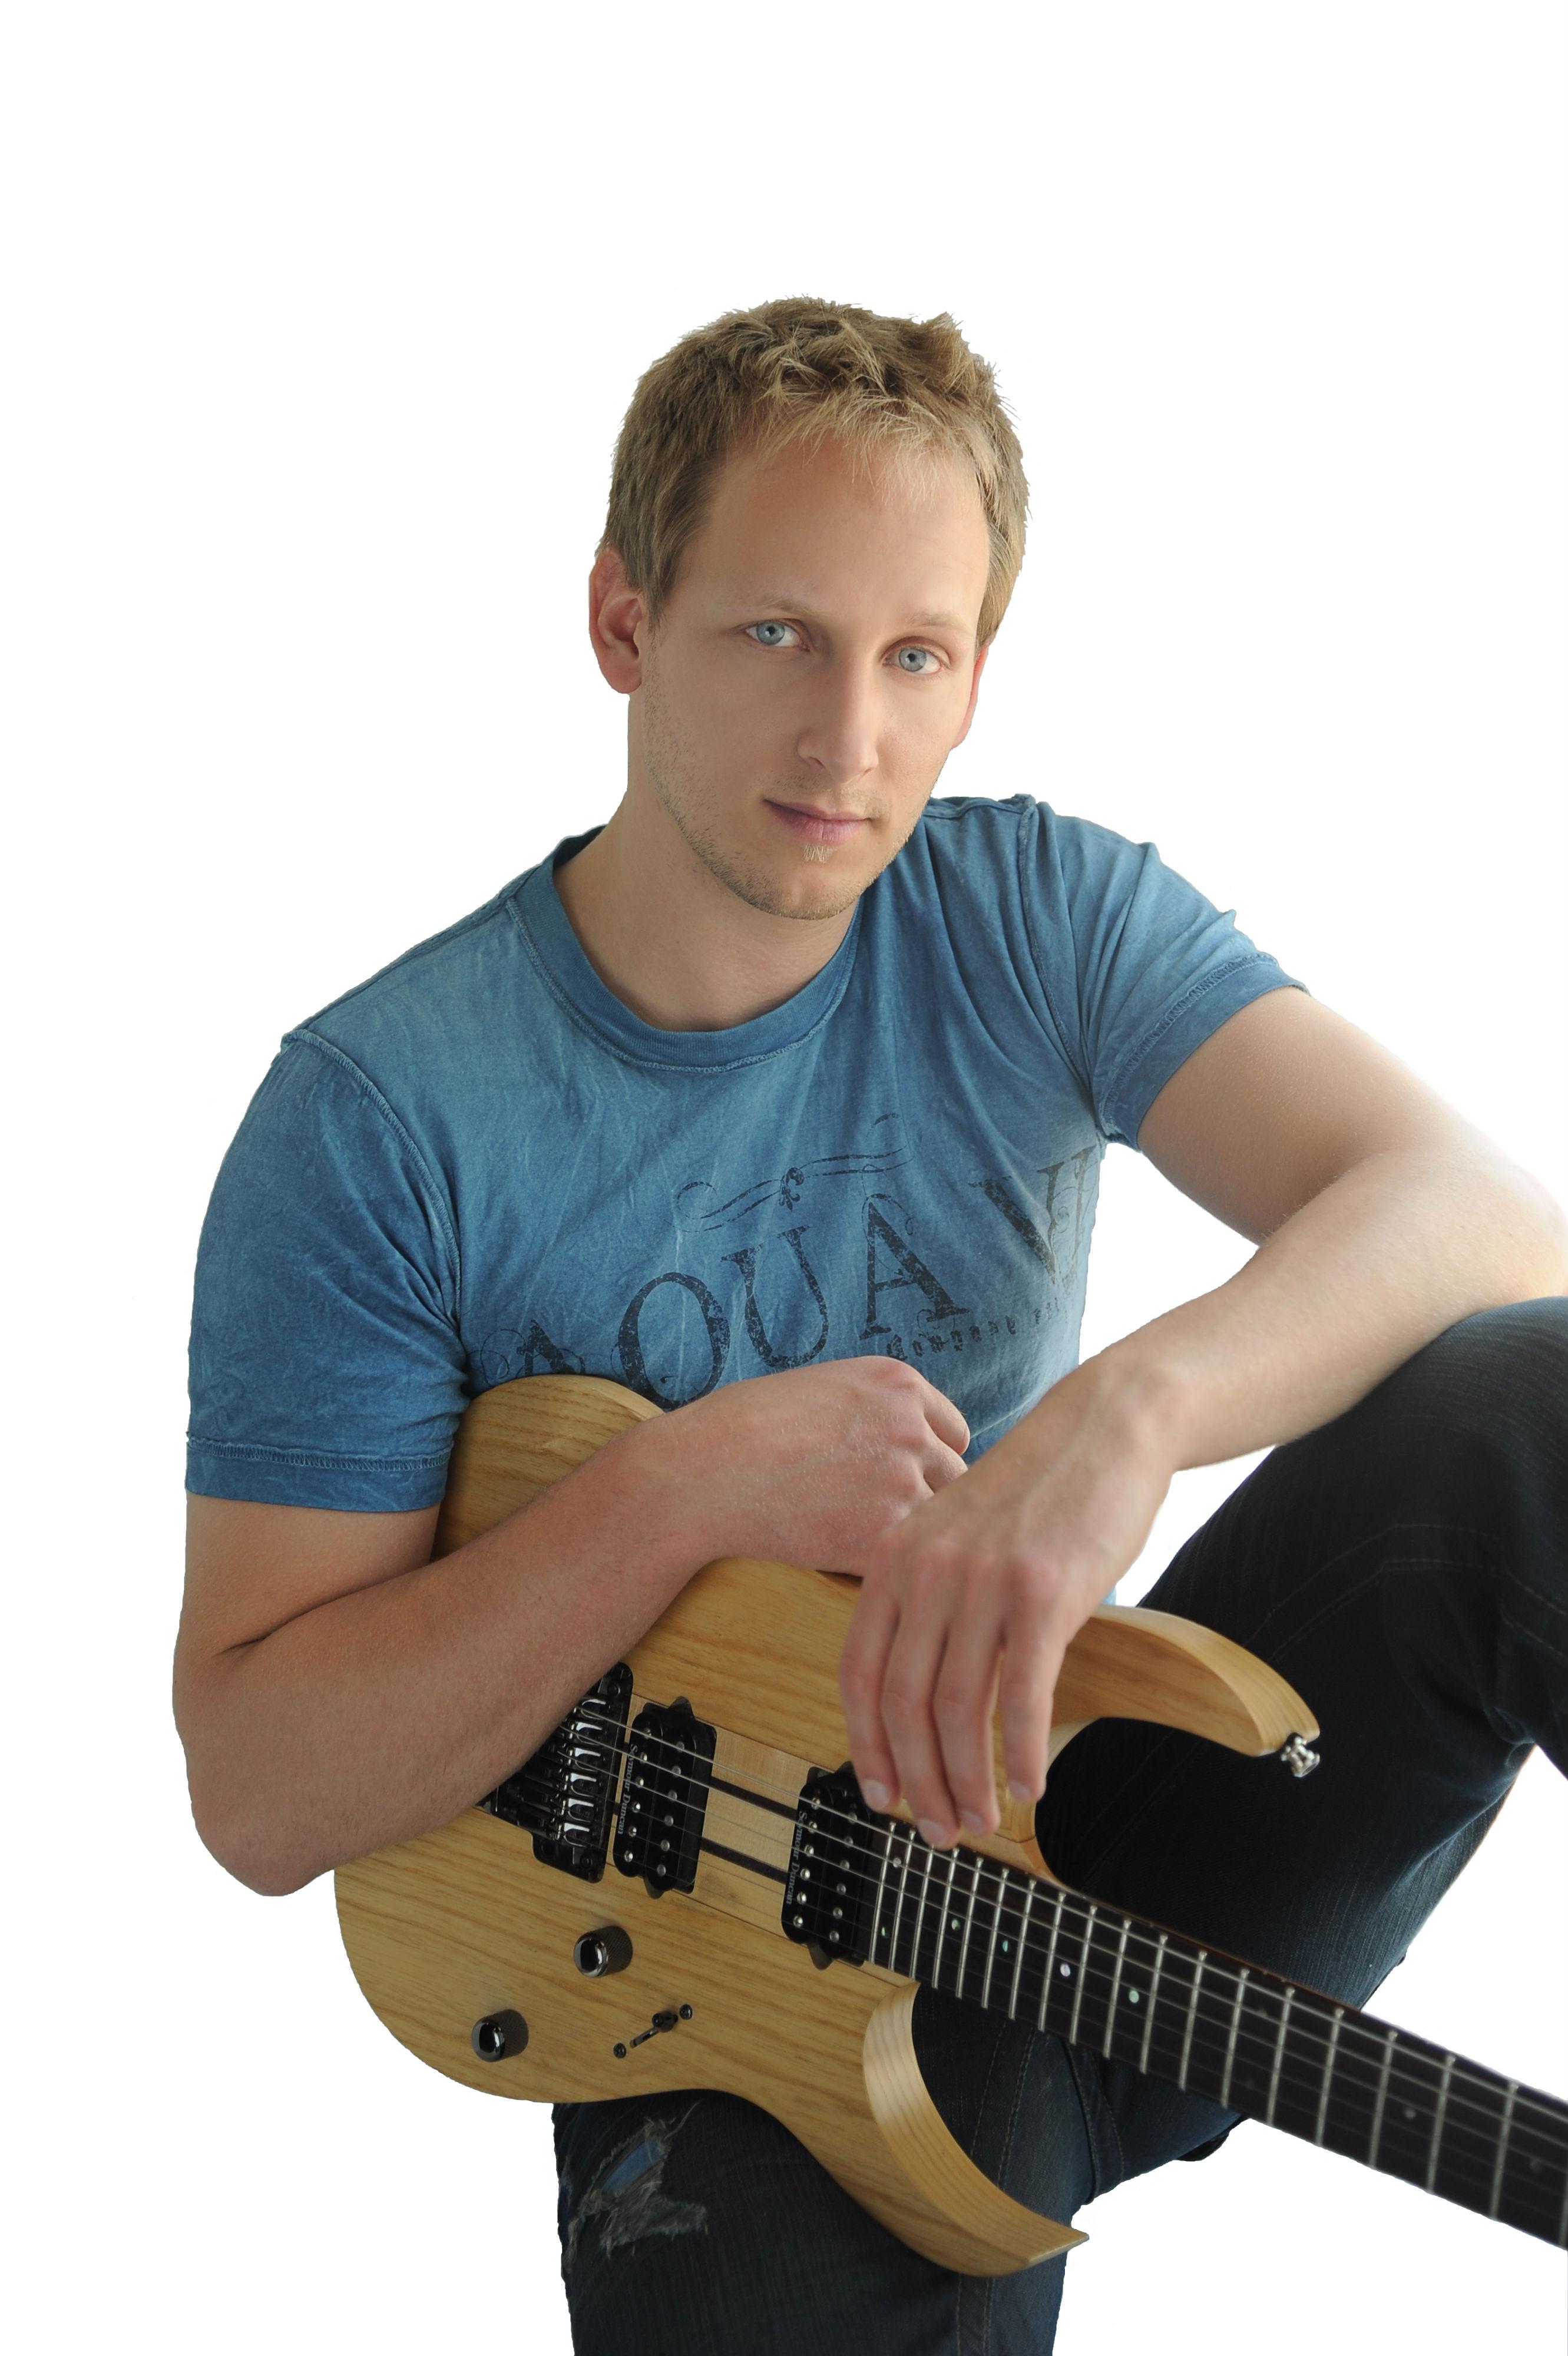 kids guitar lessons salt lake city slc guitar. Black Bedroom Furniture Sets. Home Design Ideas